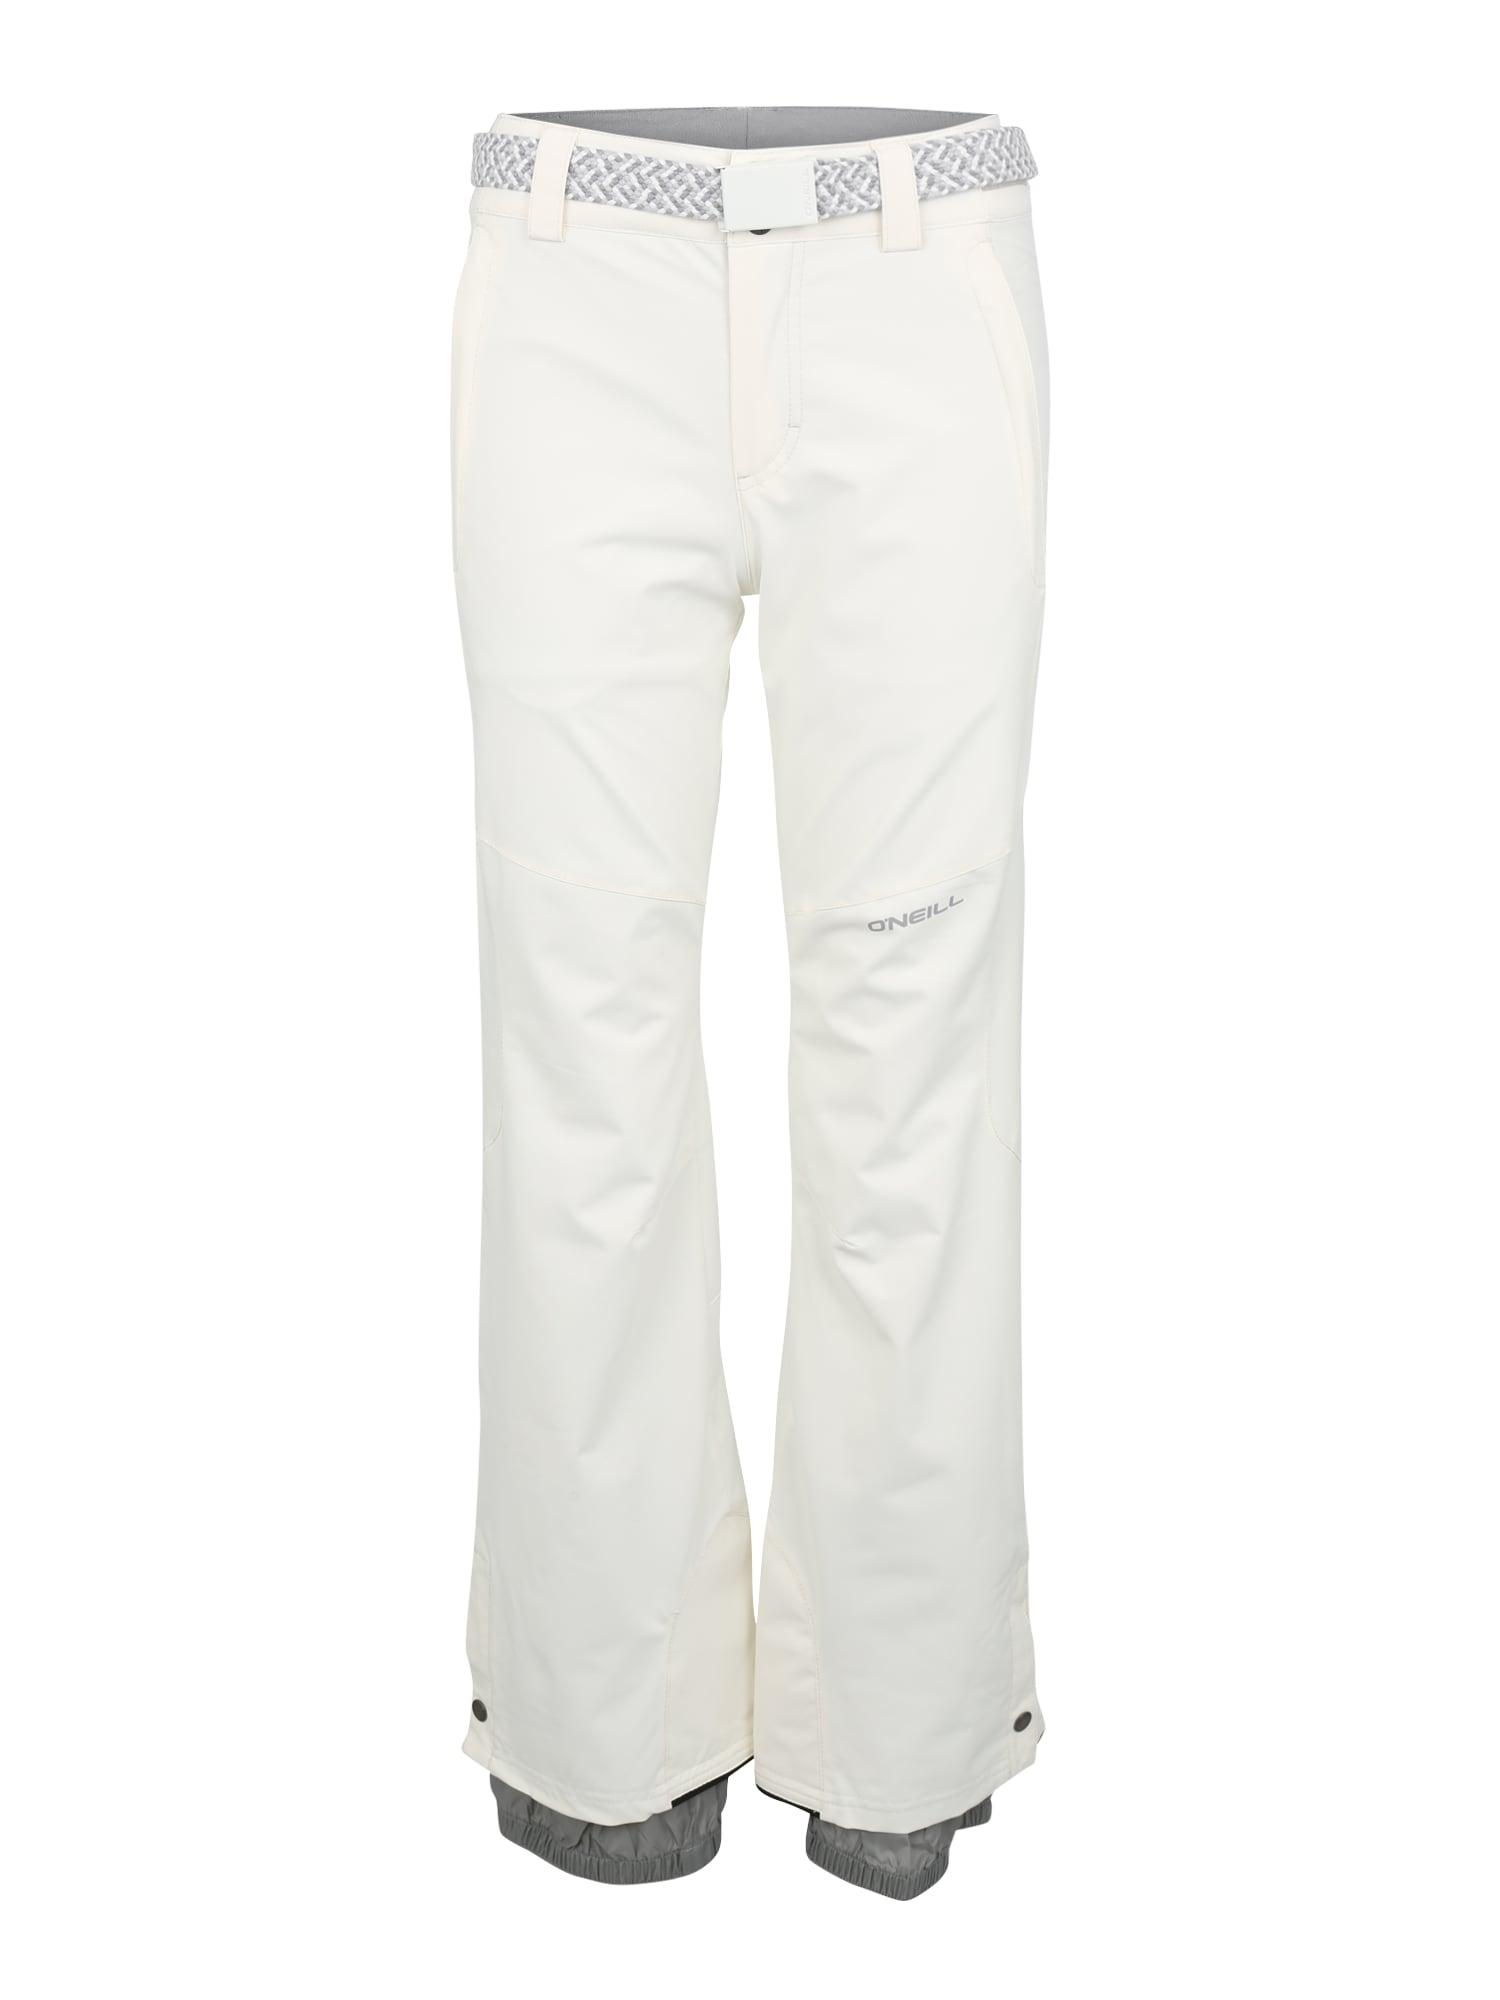 ONEILL Outdoorové kalhoty STAR tmavě šedá bílá O'NEILL